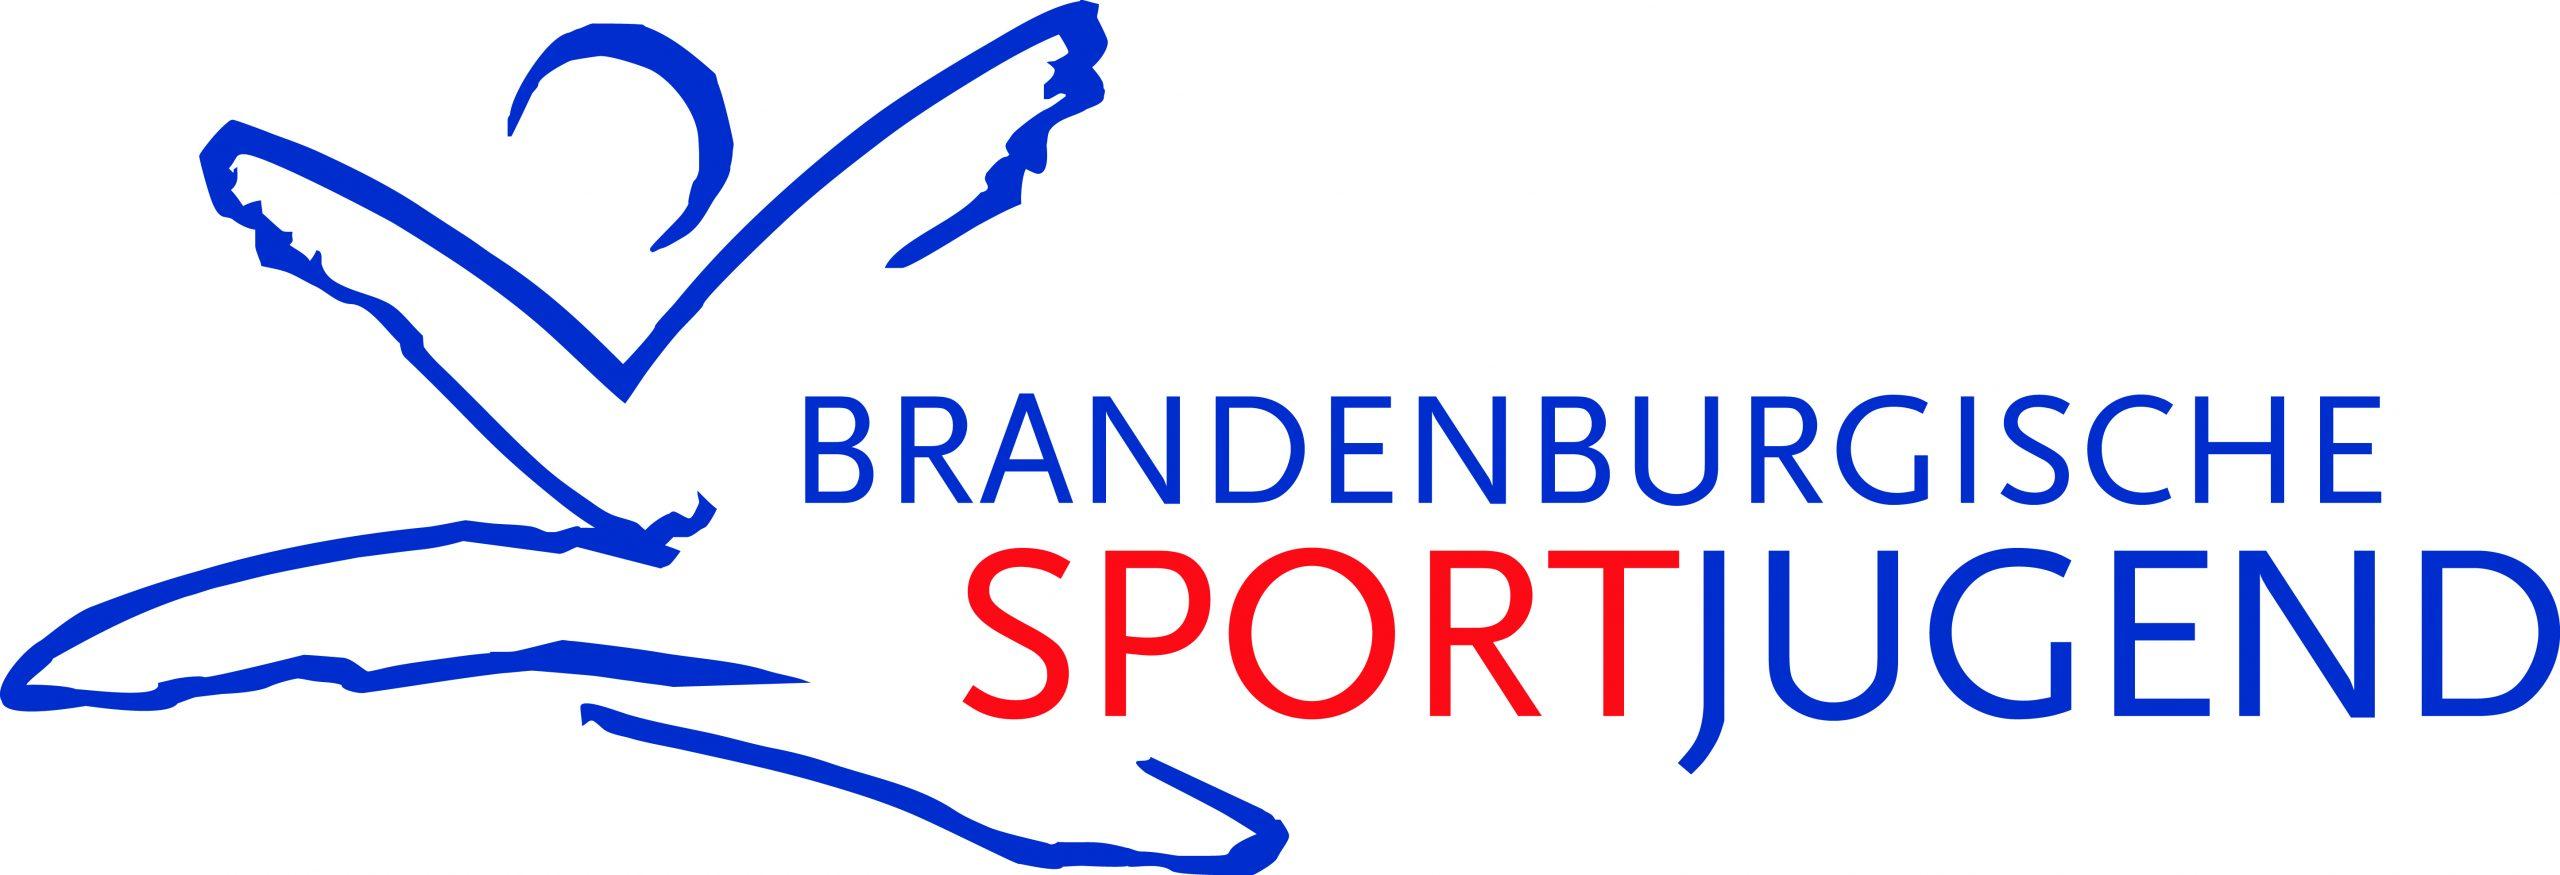 Brandenburgische Sportjugend